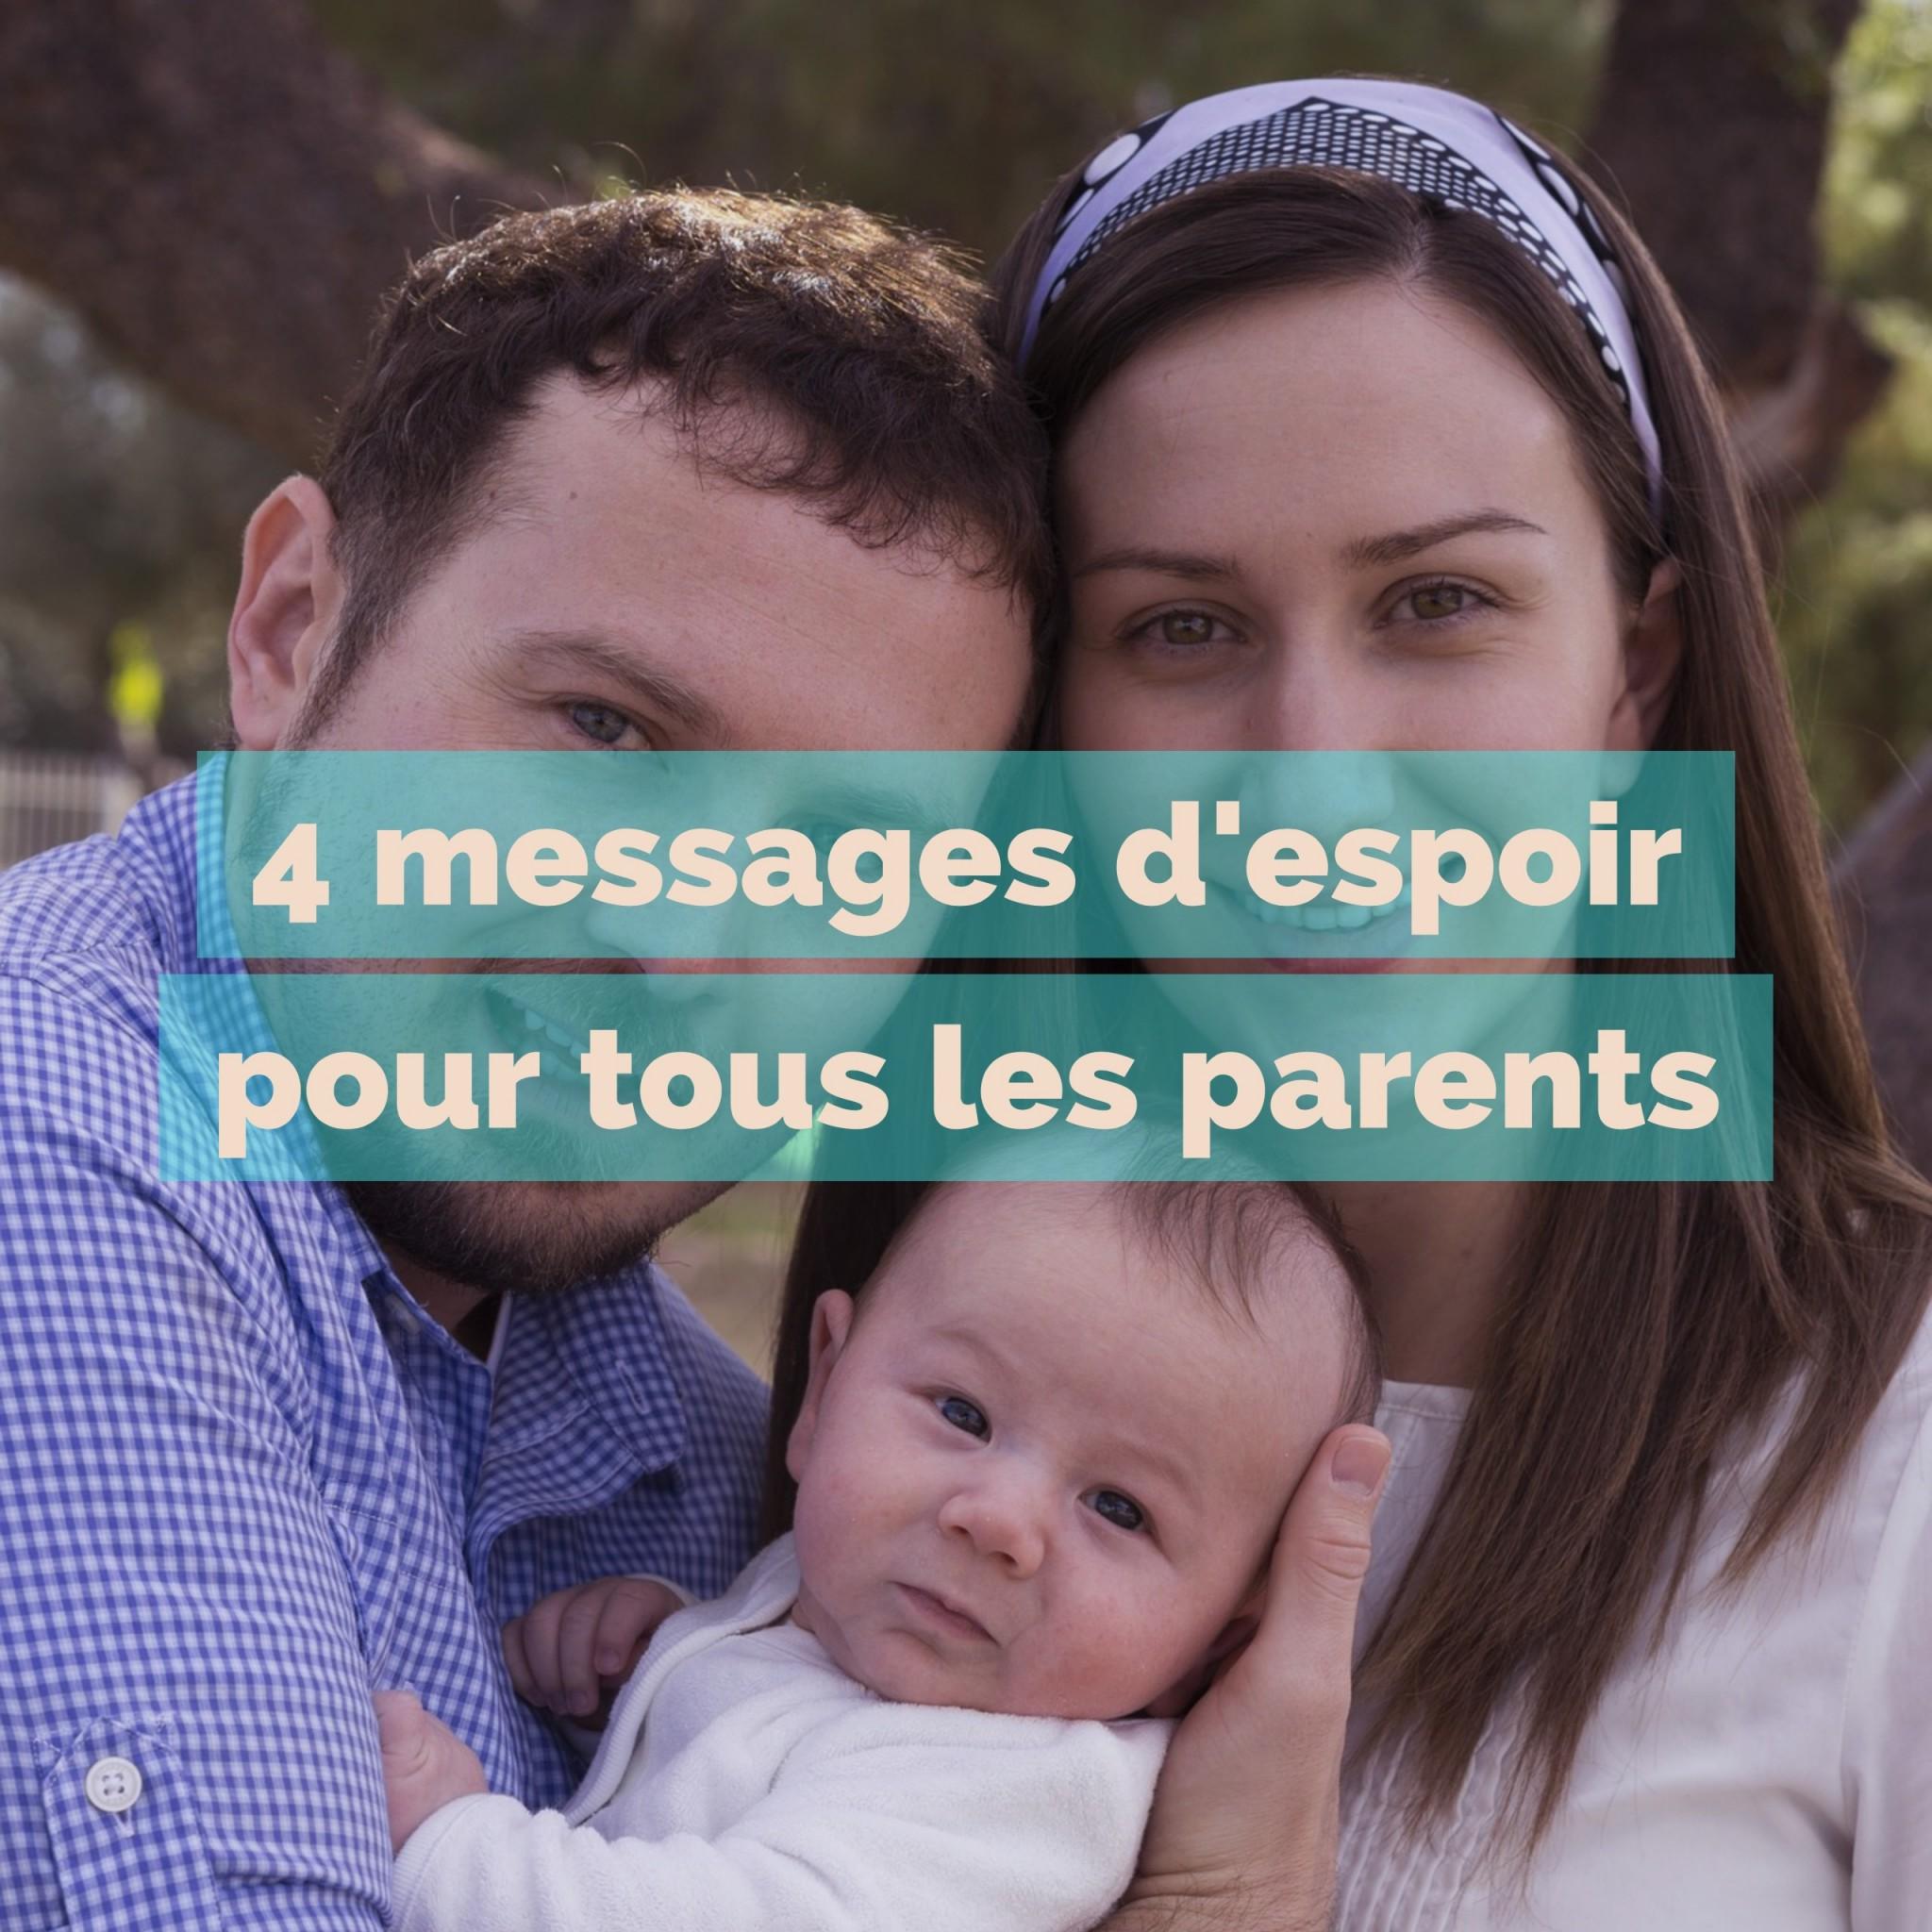 4 messages d'espoir pour tous les parents